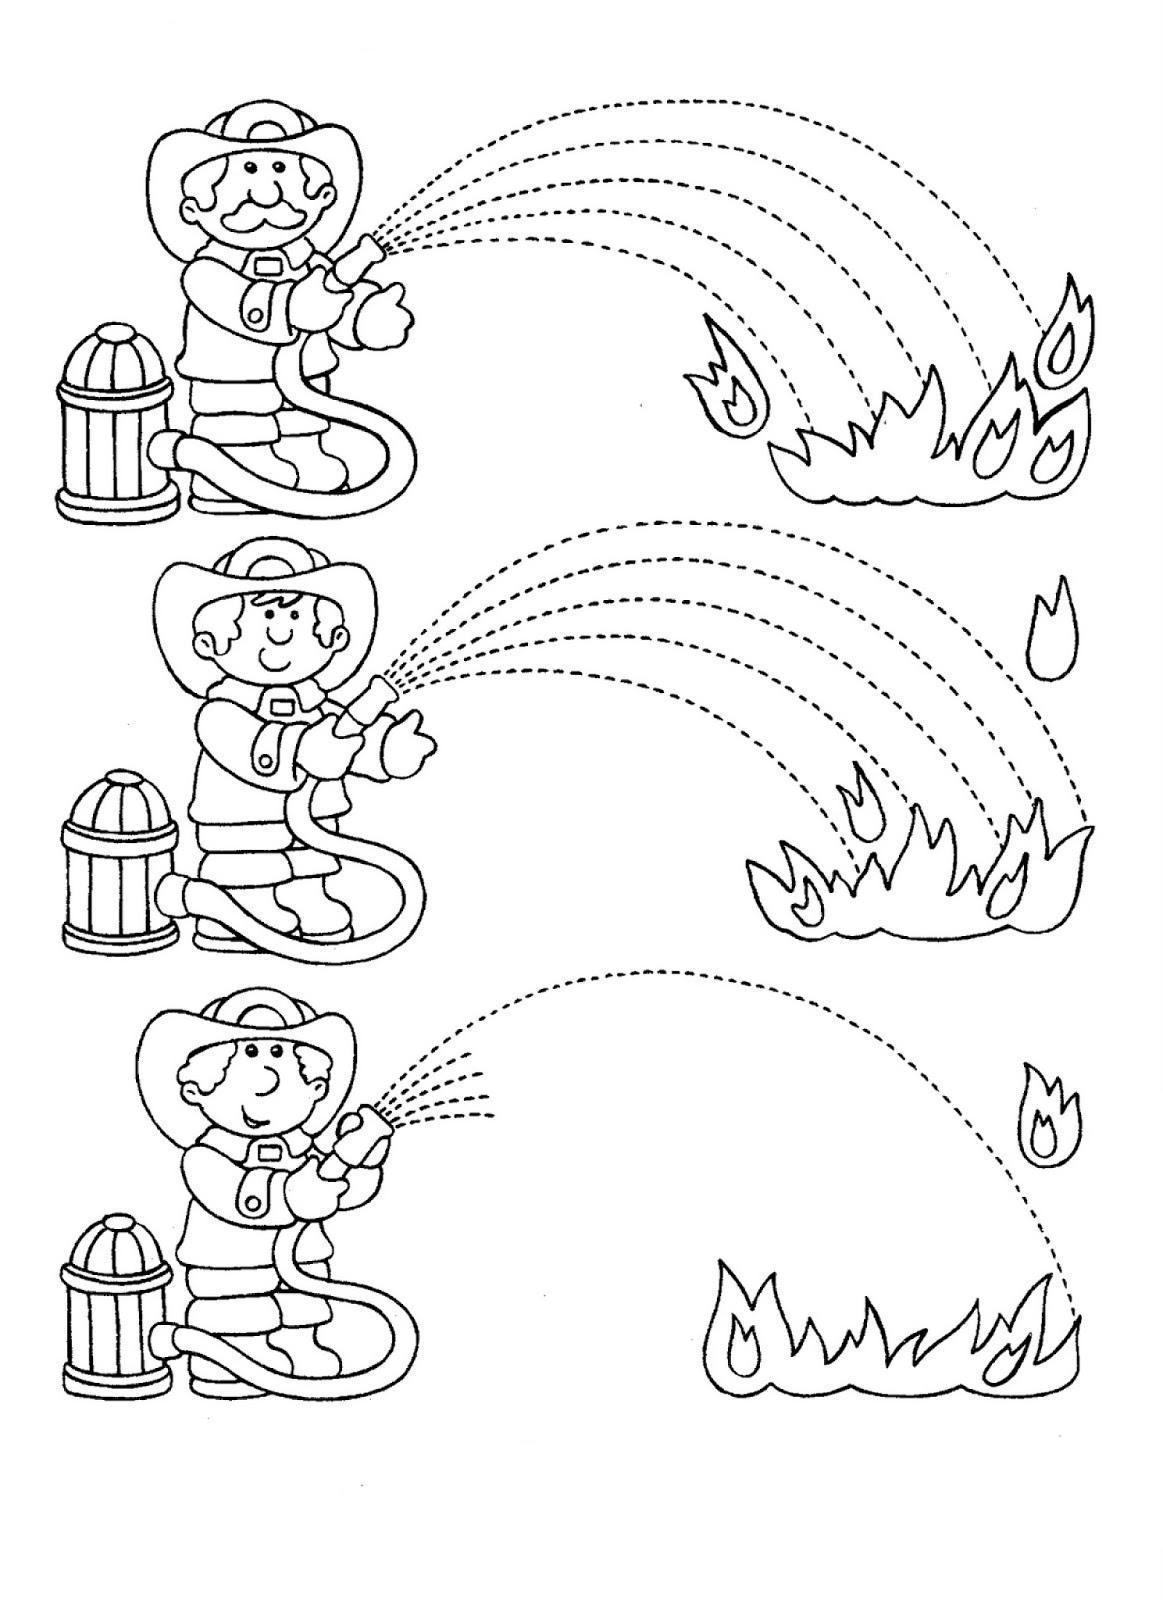 раскраска штриховка для детей распечатать бесплатно